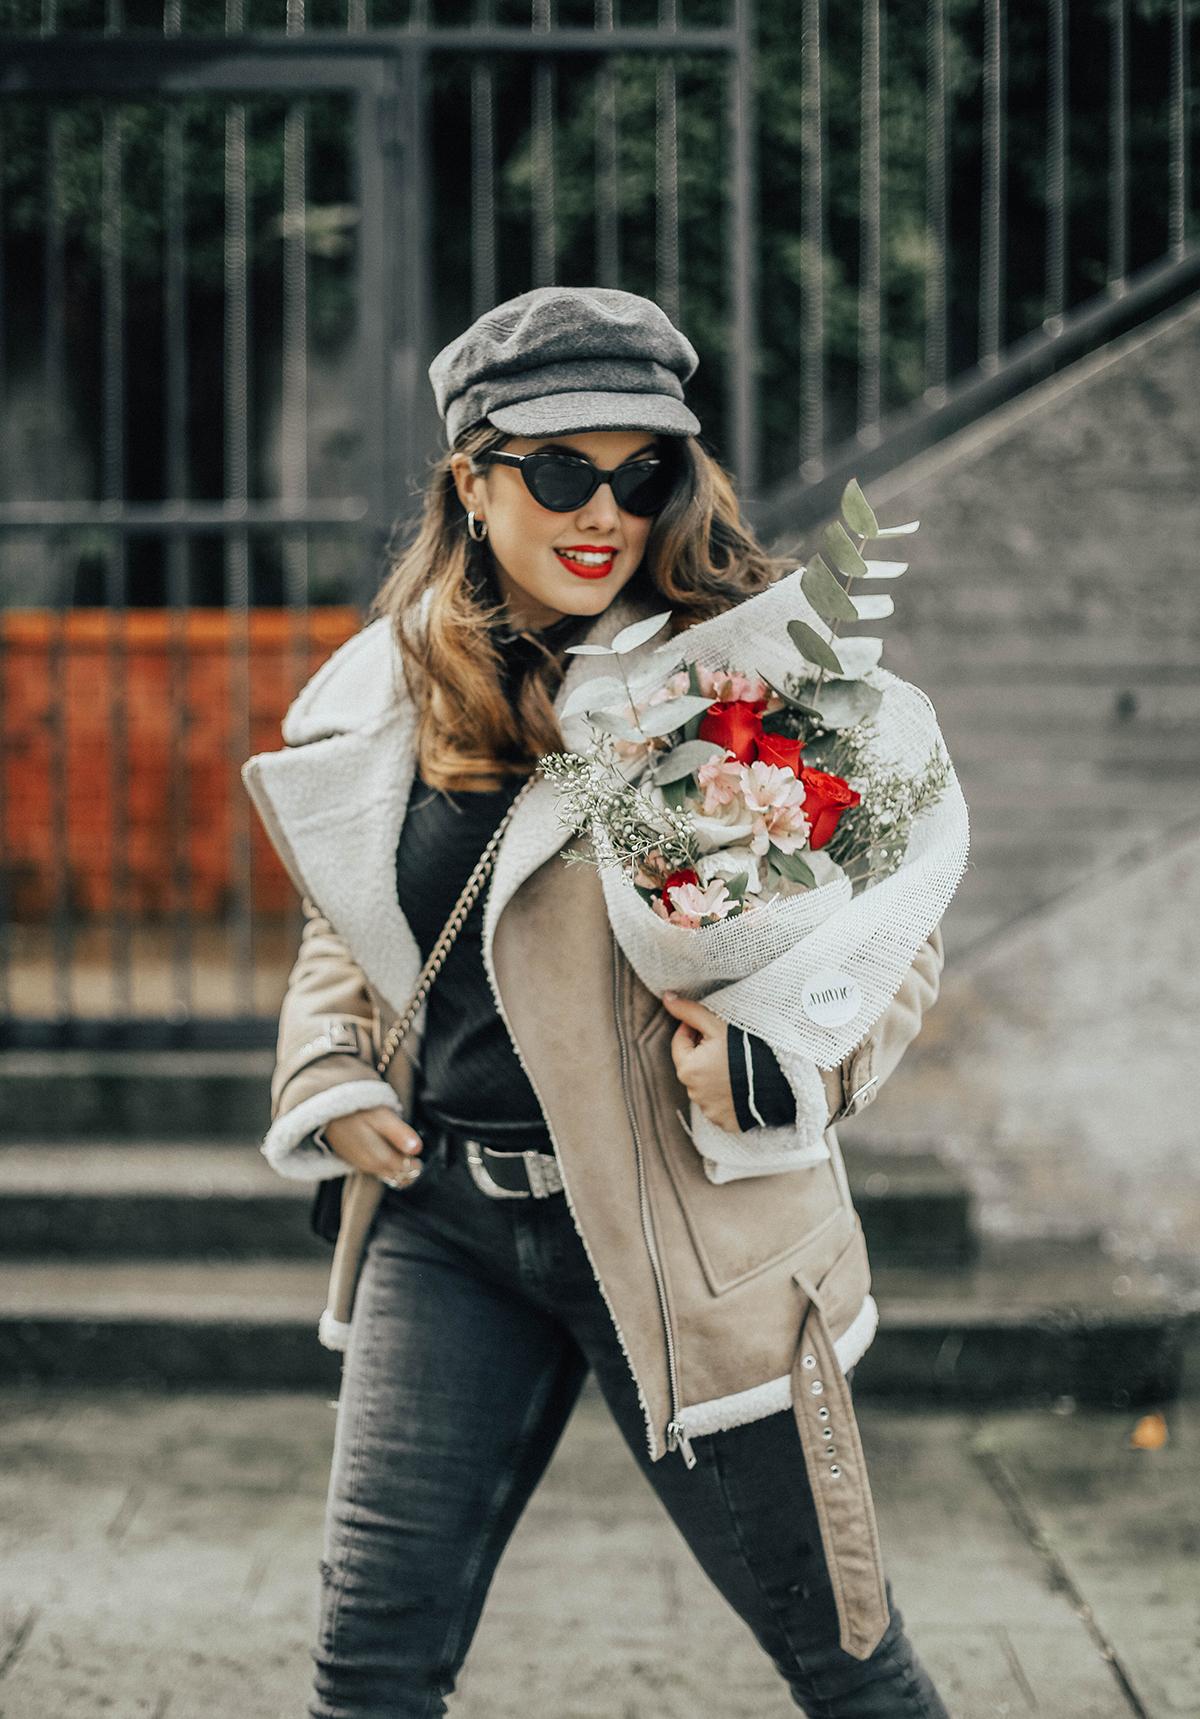 chaqueta-borreguillo-san-valentin-ramo-flores-streetstyle6